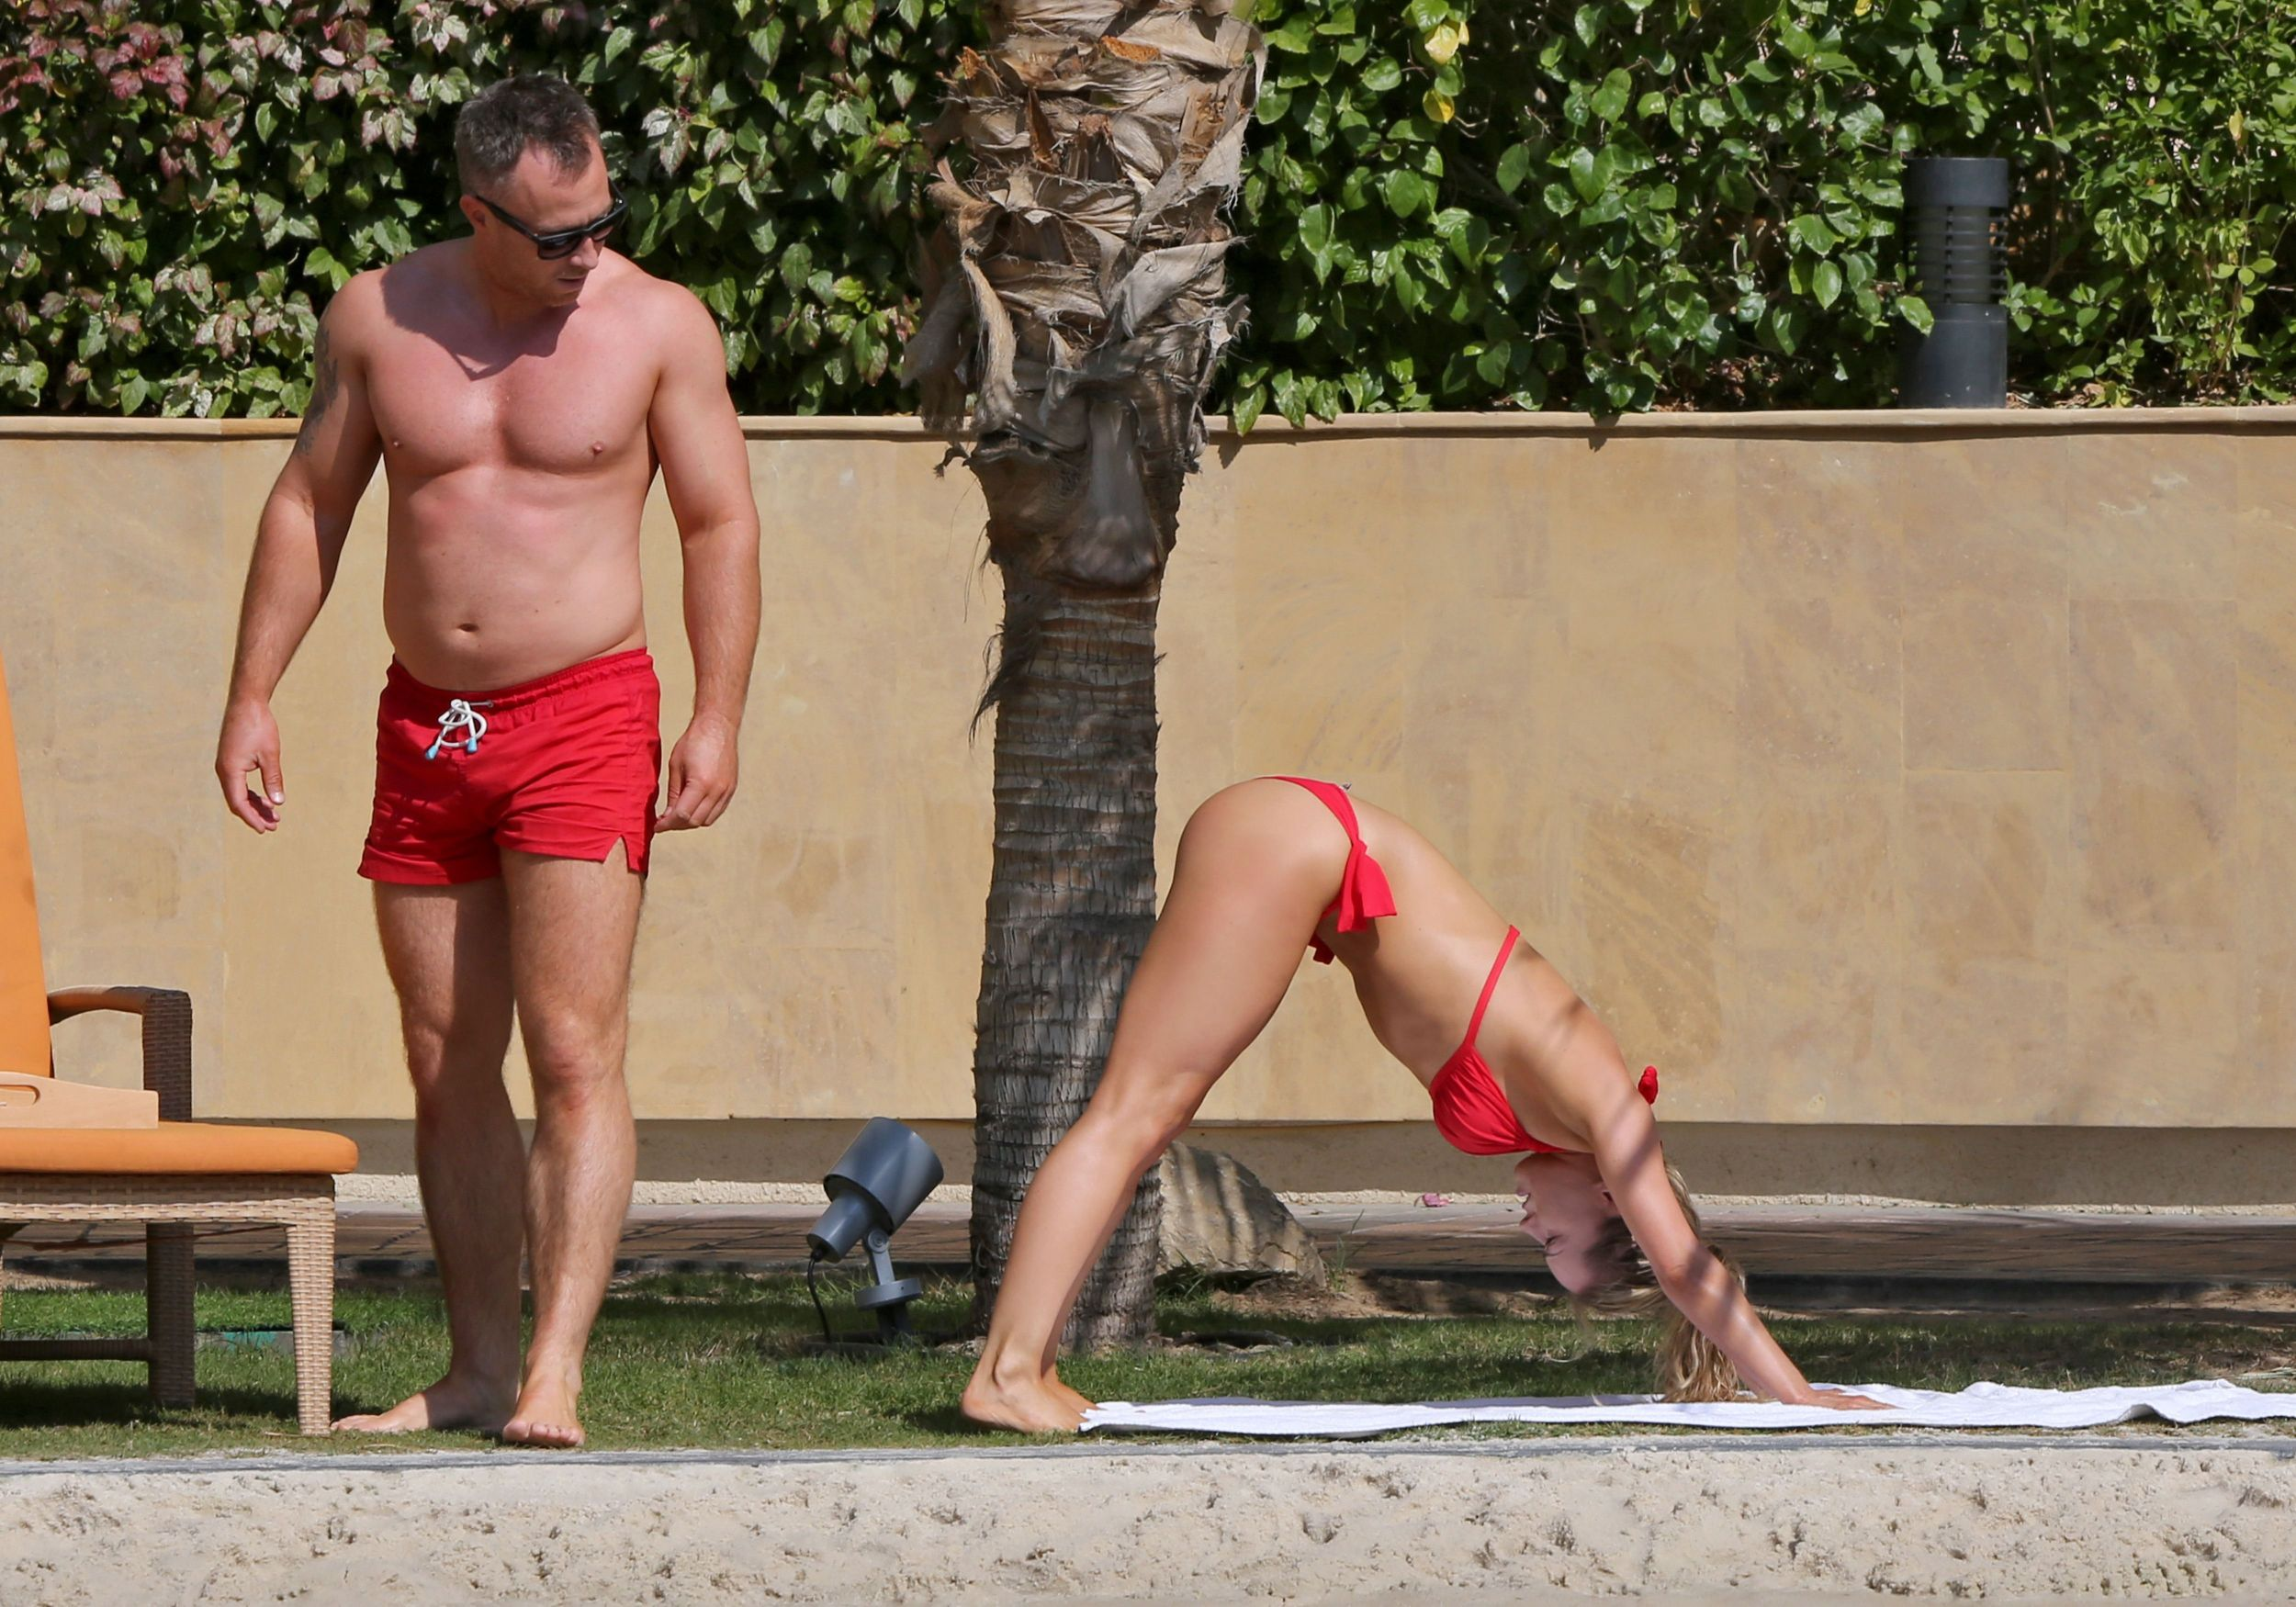 Jordan Carver nude topless pictures playboy photos sex